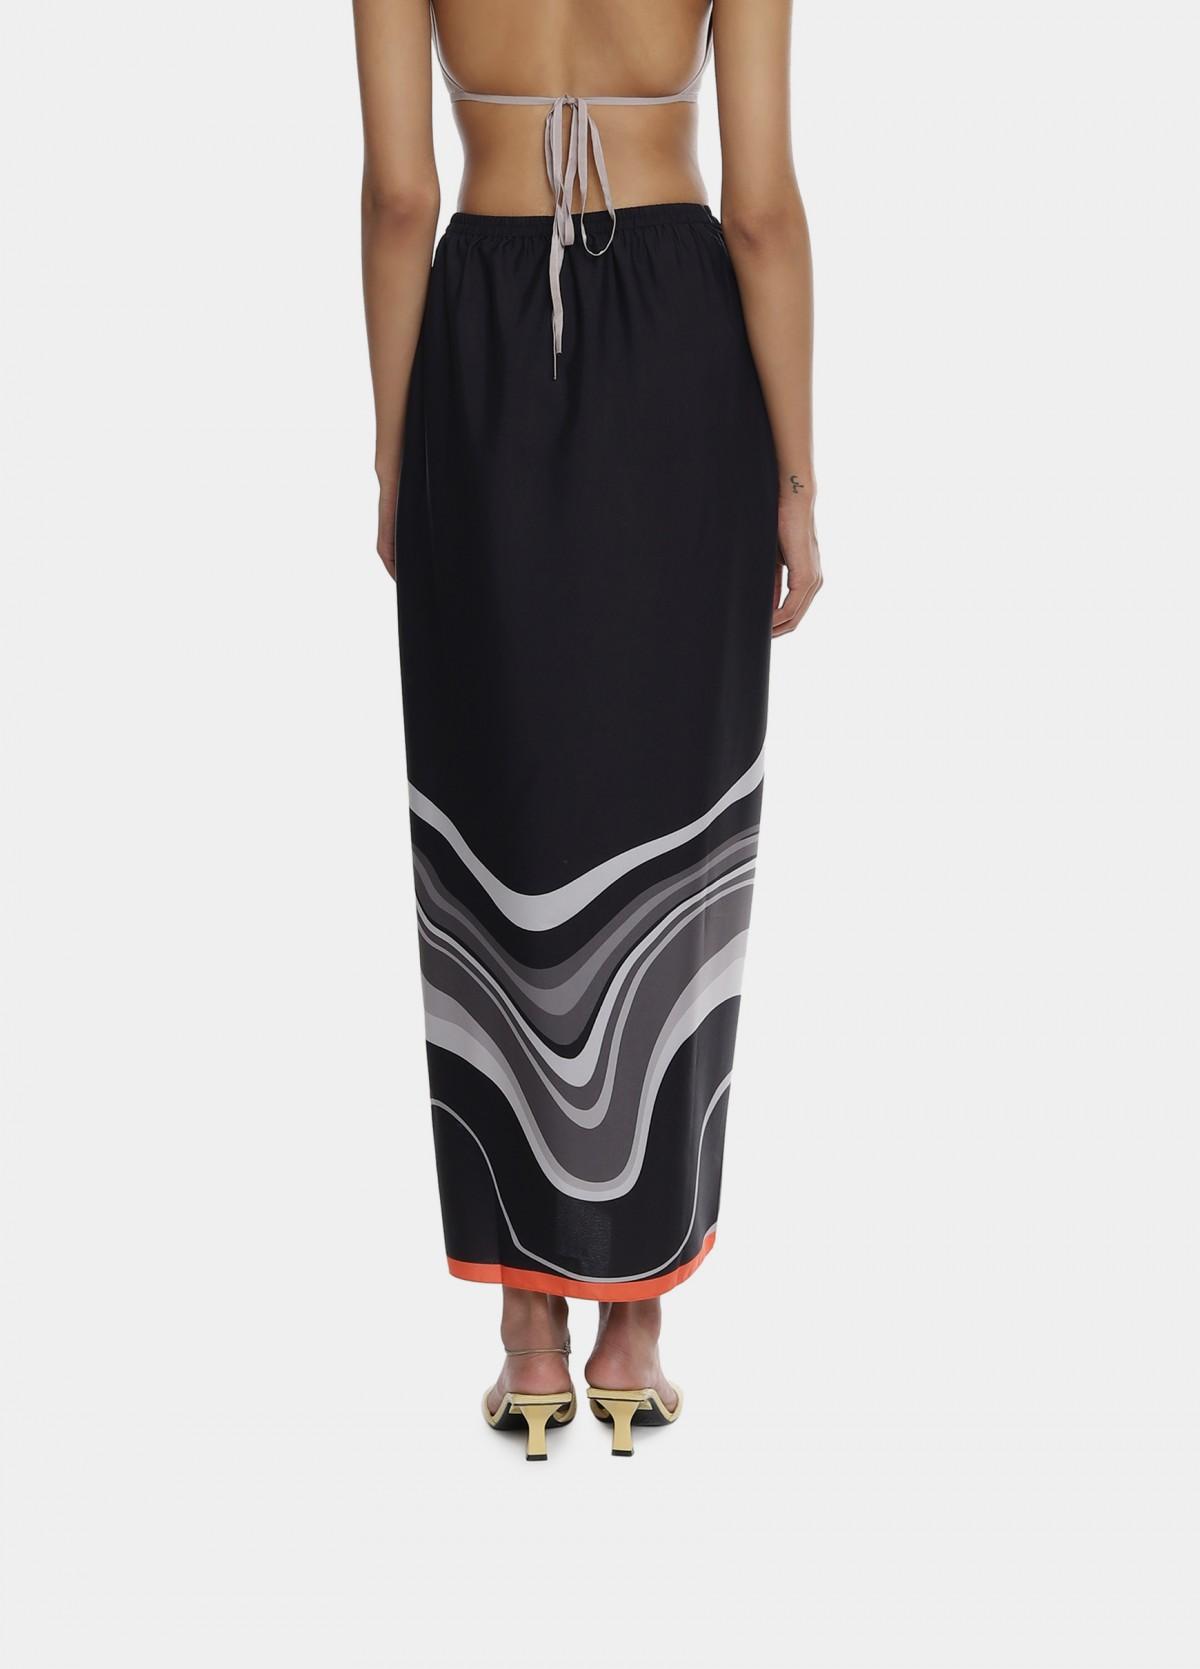 The Rave Skirt